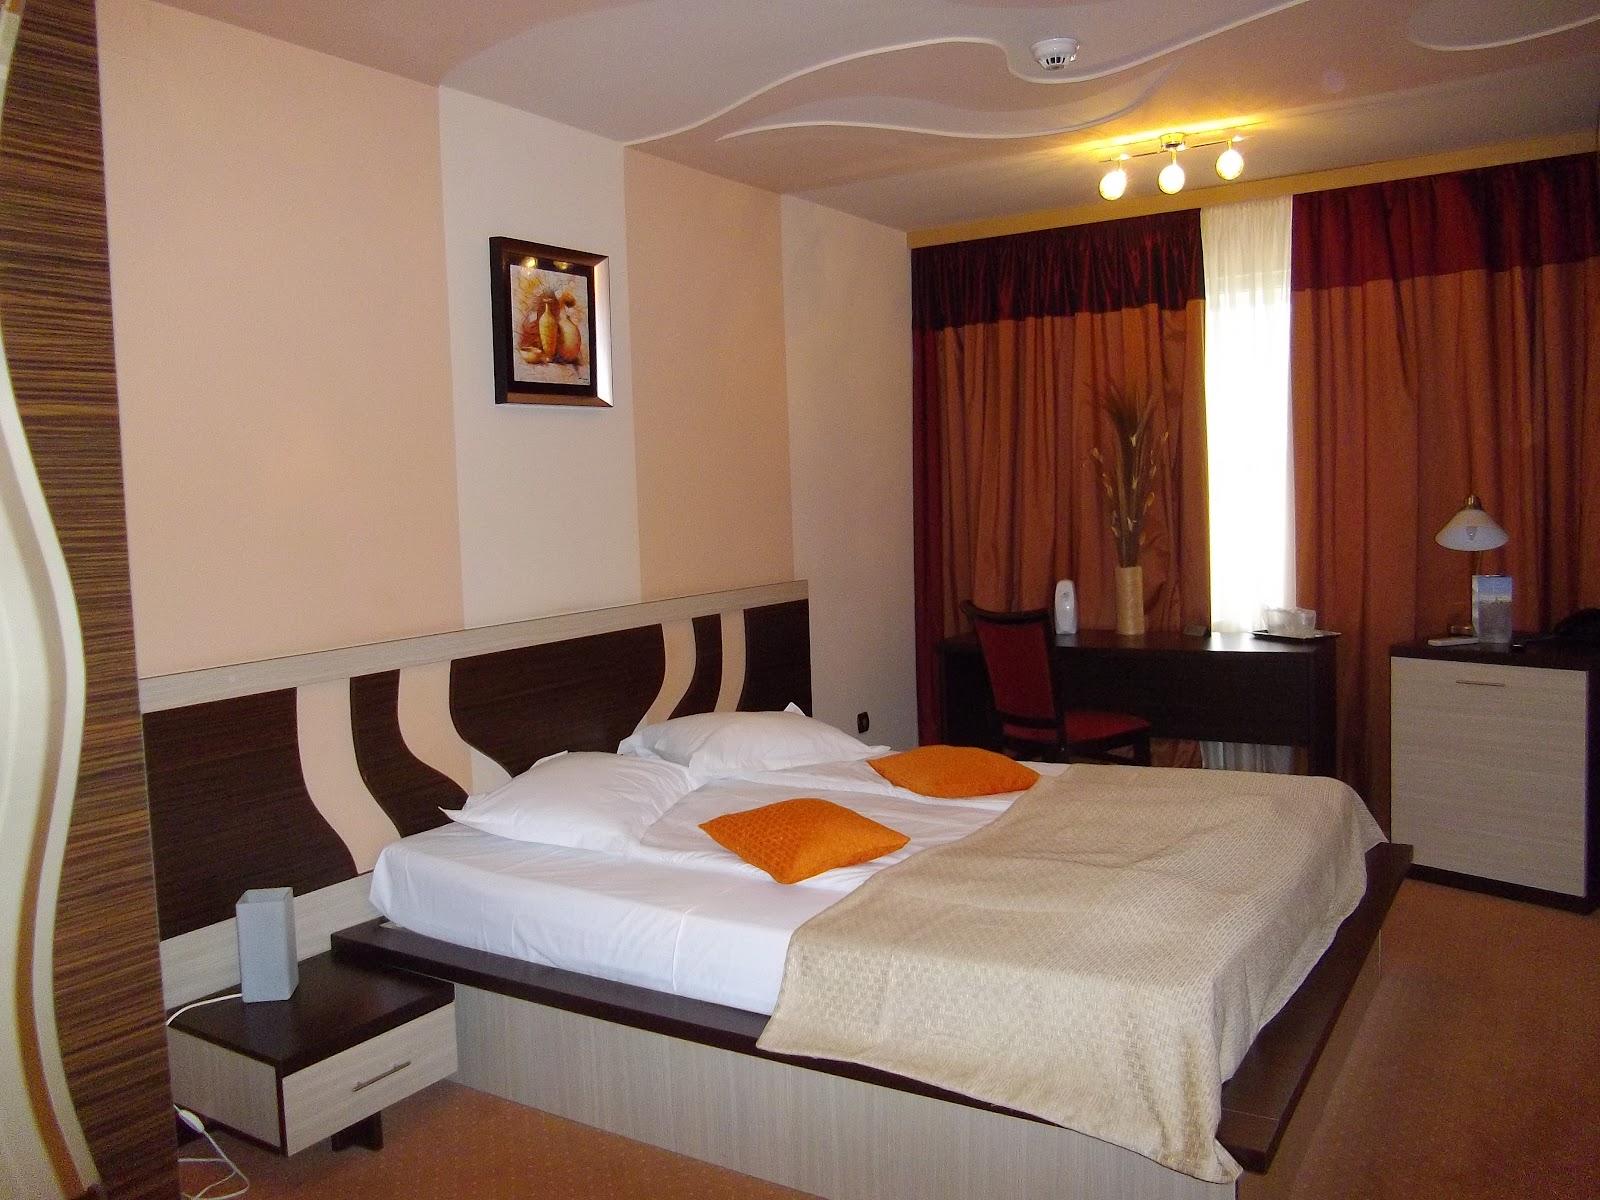 Hotel Review Hotel Nova Targoviste Romania Life In Luxembourg